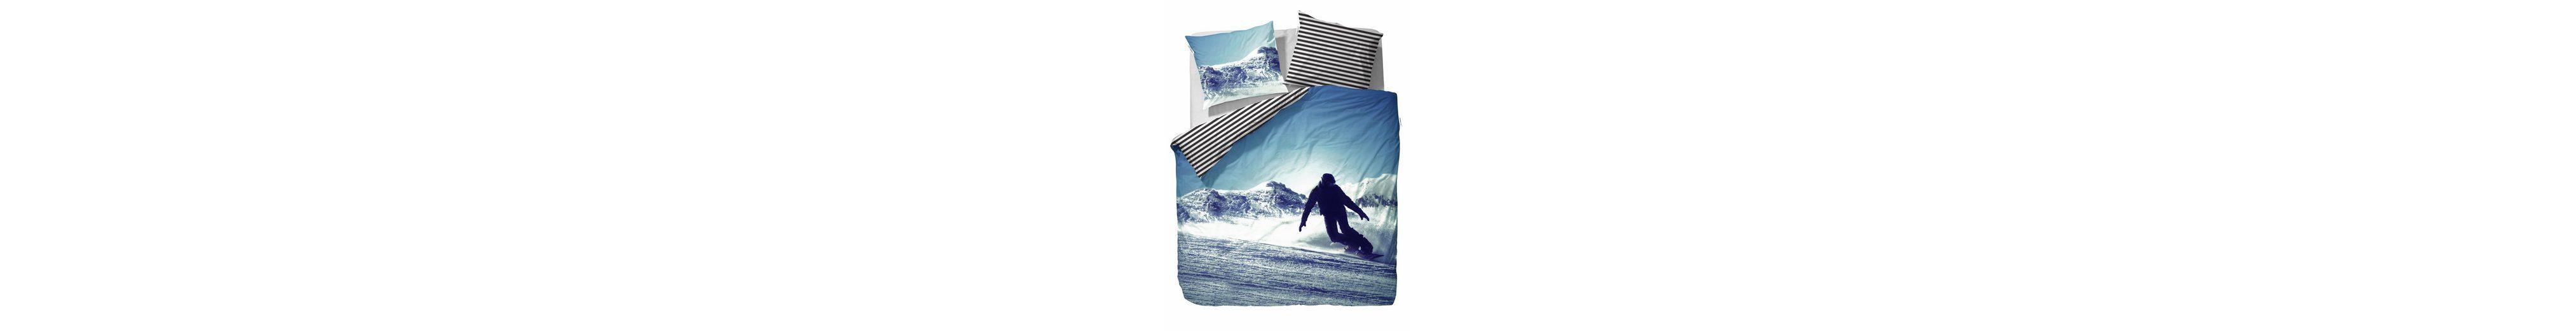 Jugendbettwäsche, Covers & Co, »Boris«, mit Snowboarder